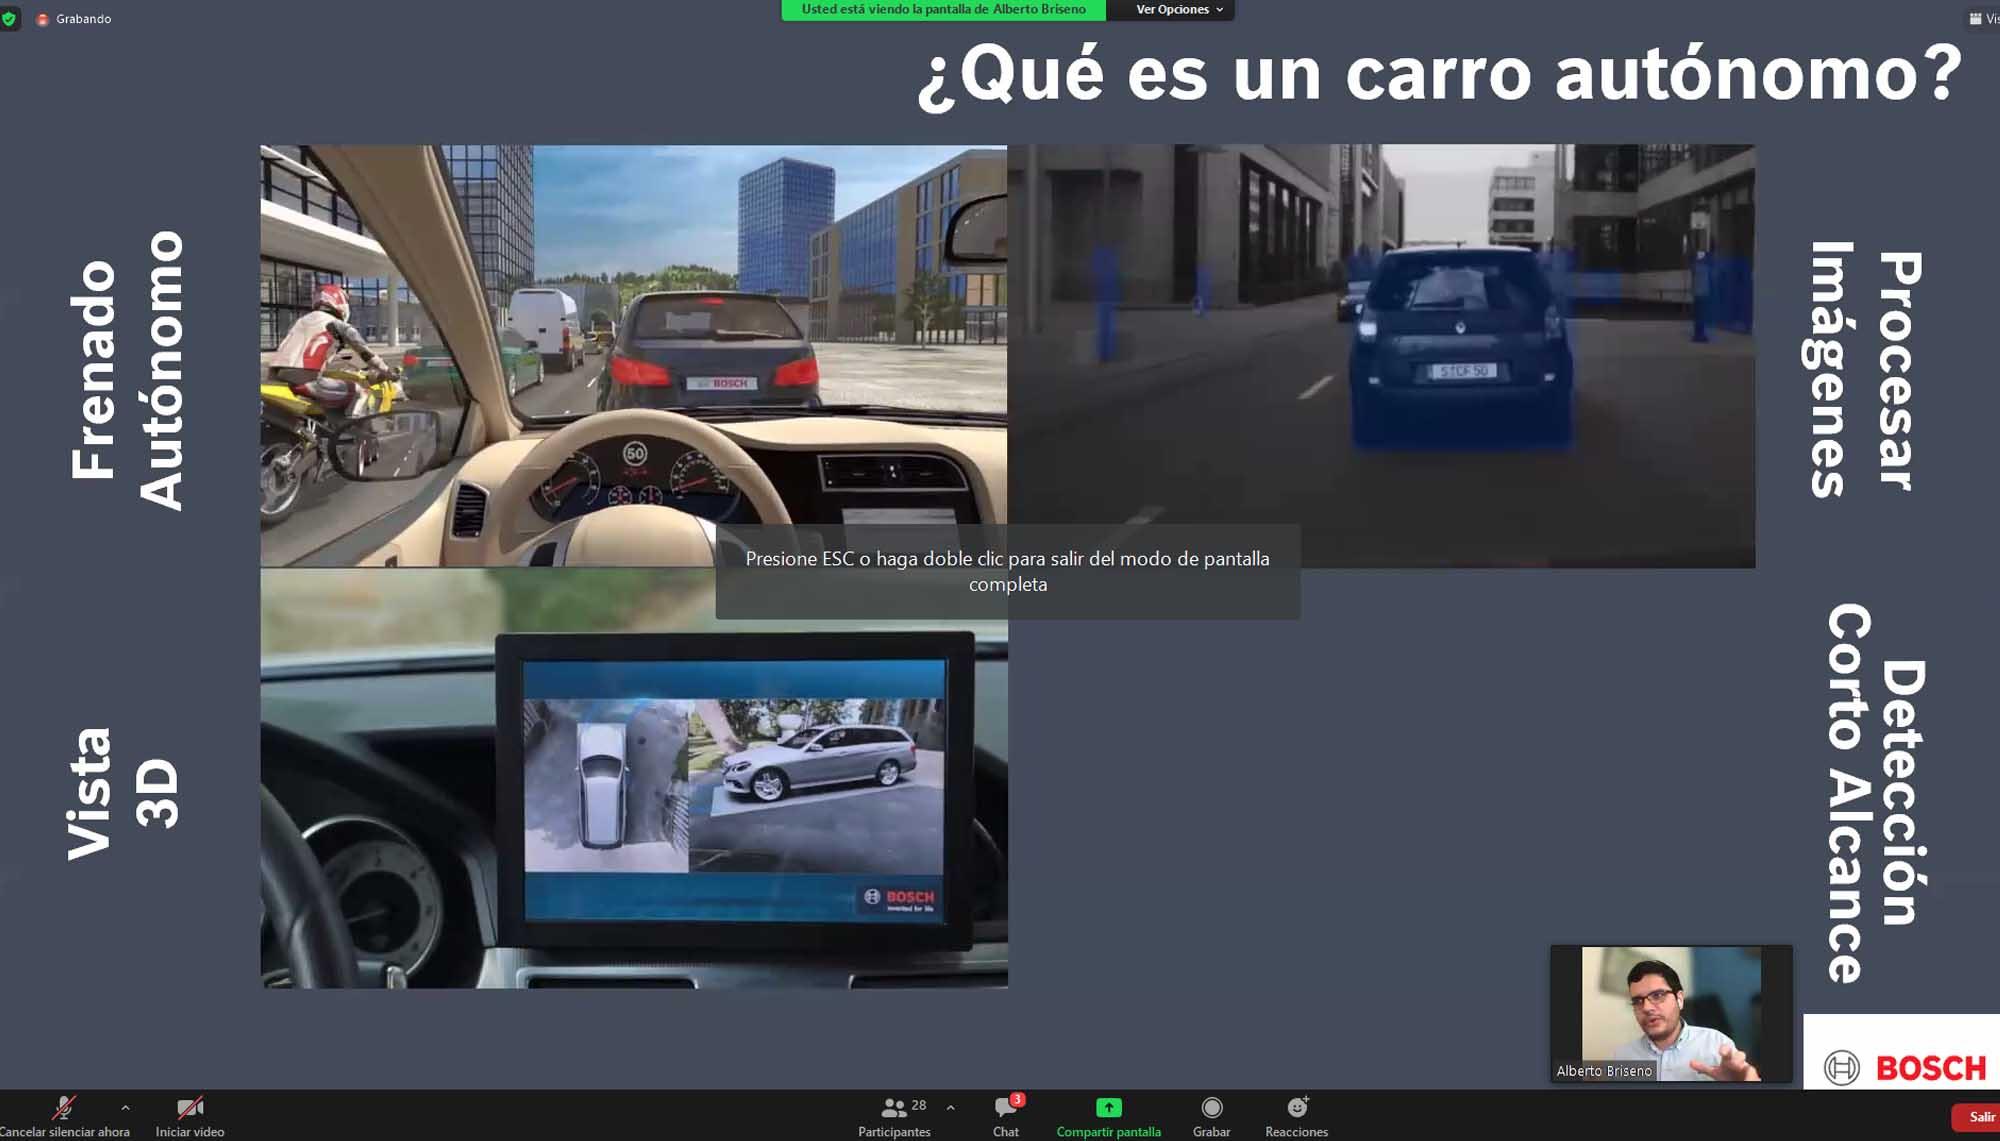 Los autos autónomos son ya una realidad: Ing. Alberto Briseño